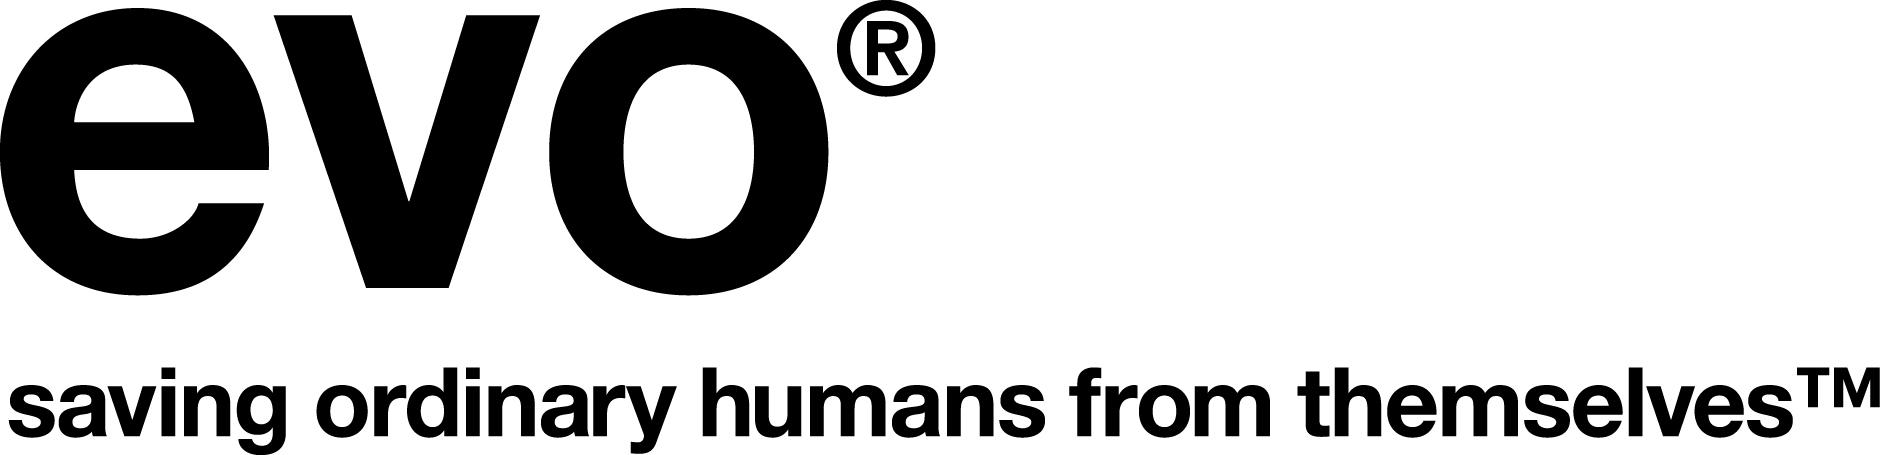 evo-logo.jpg